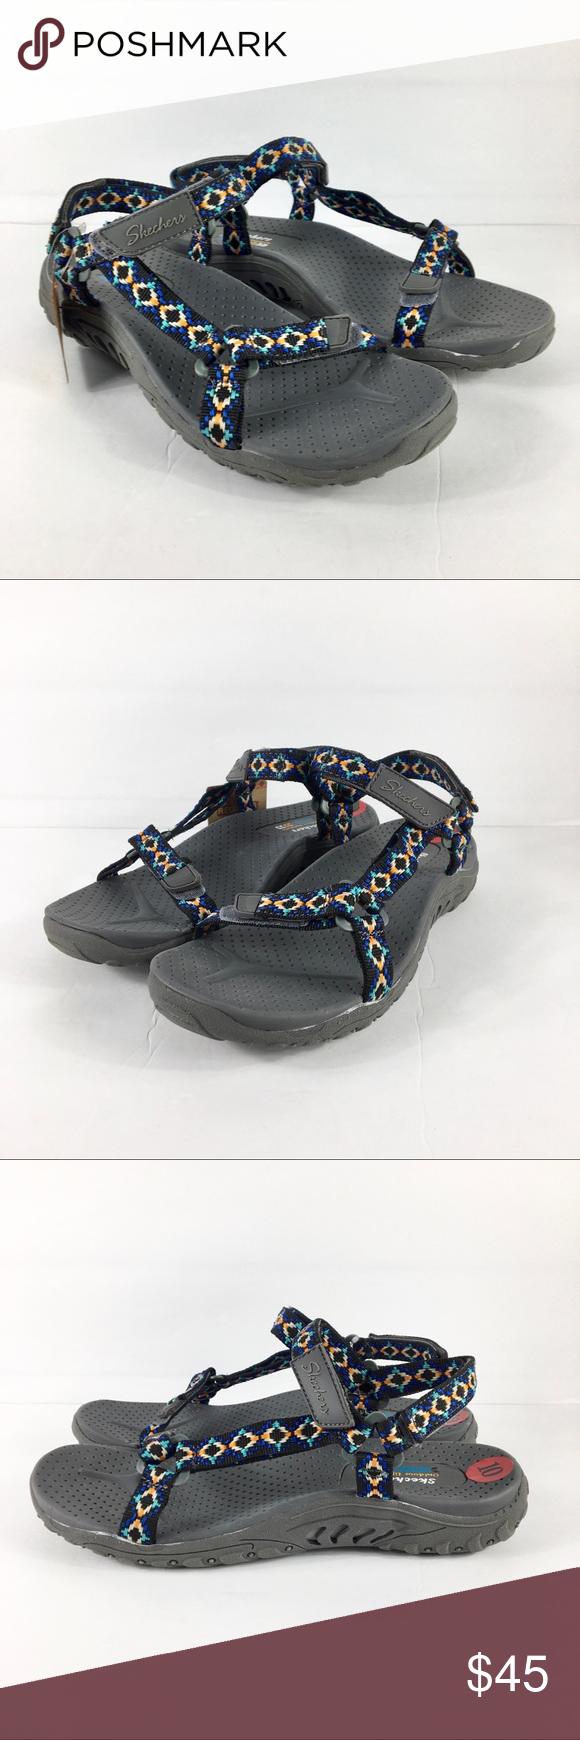 2ac056a0e7e7 NEW Skechers Sandals Reggae Summer Misty 10 Skechers Womens Reggae Summer Misty  Morning Strap Sandals Sz